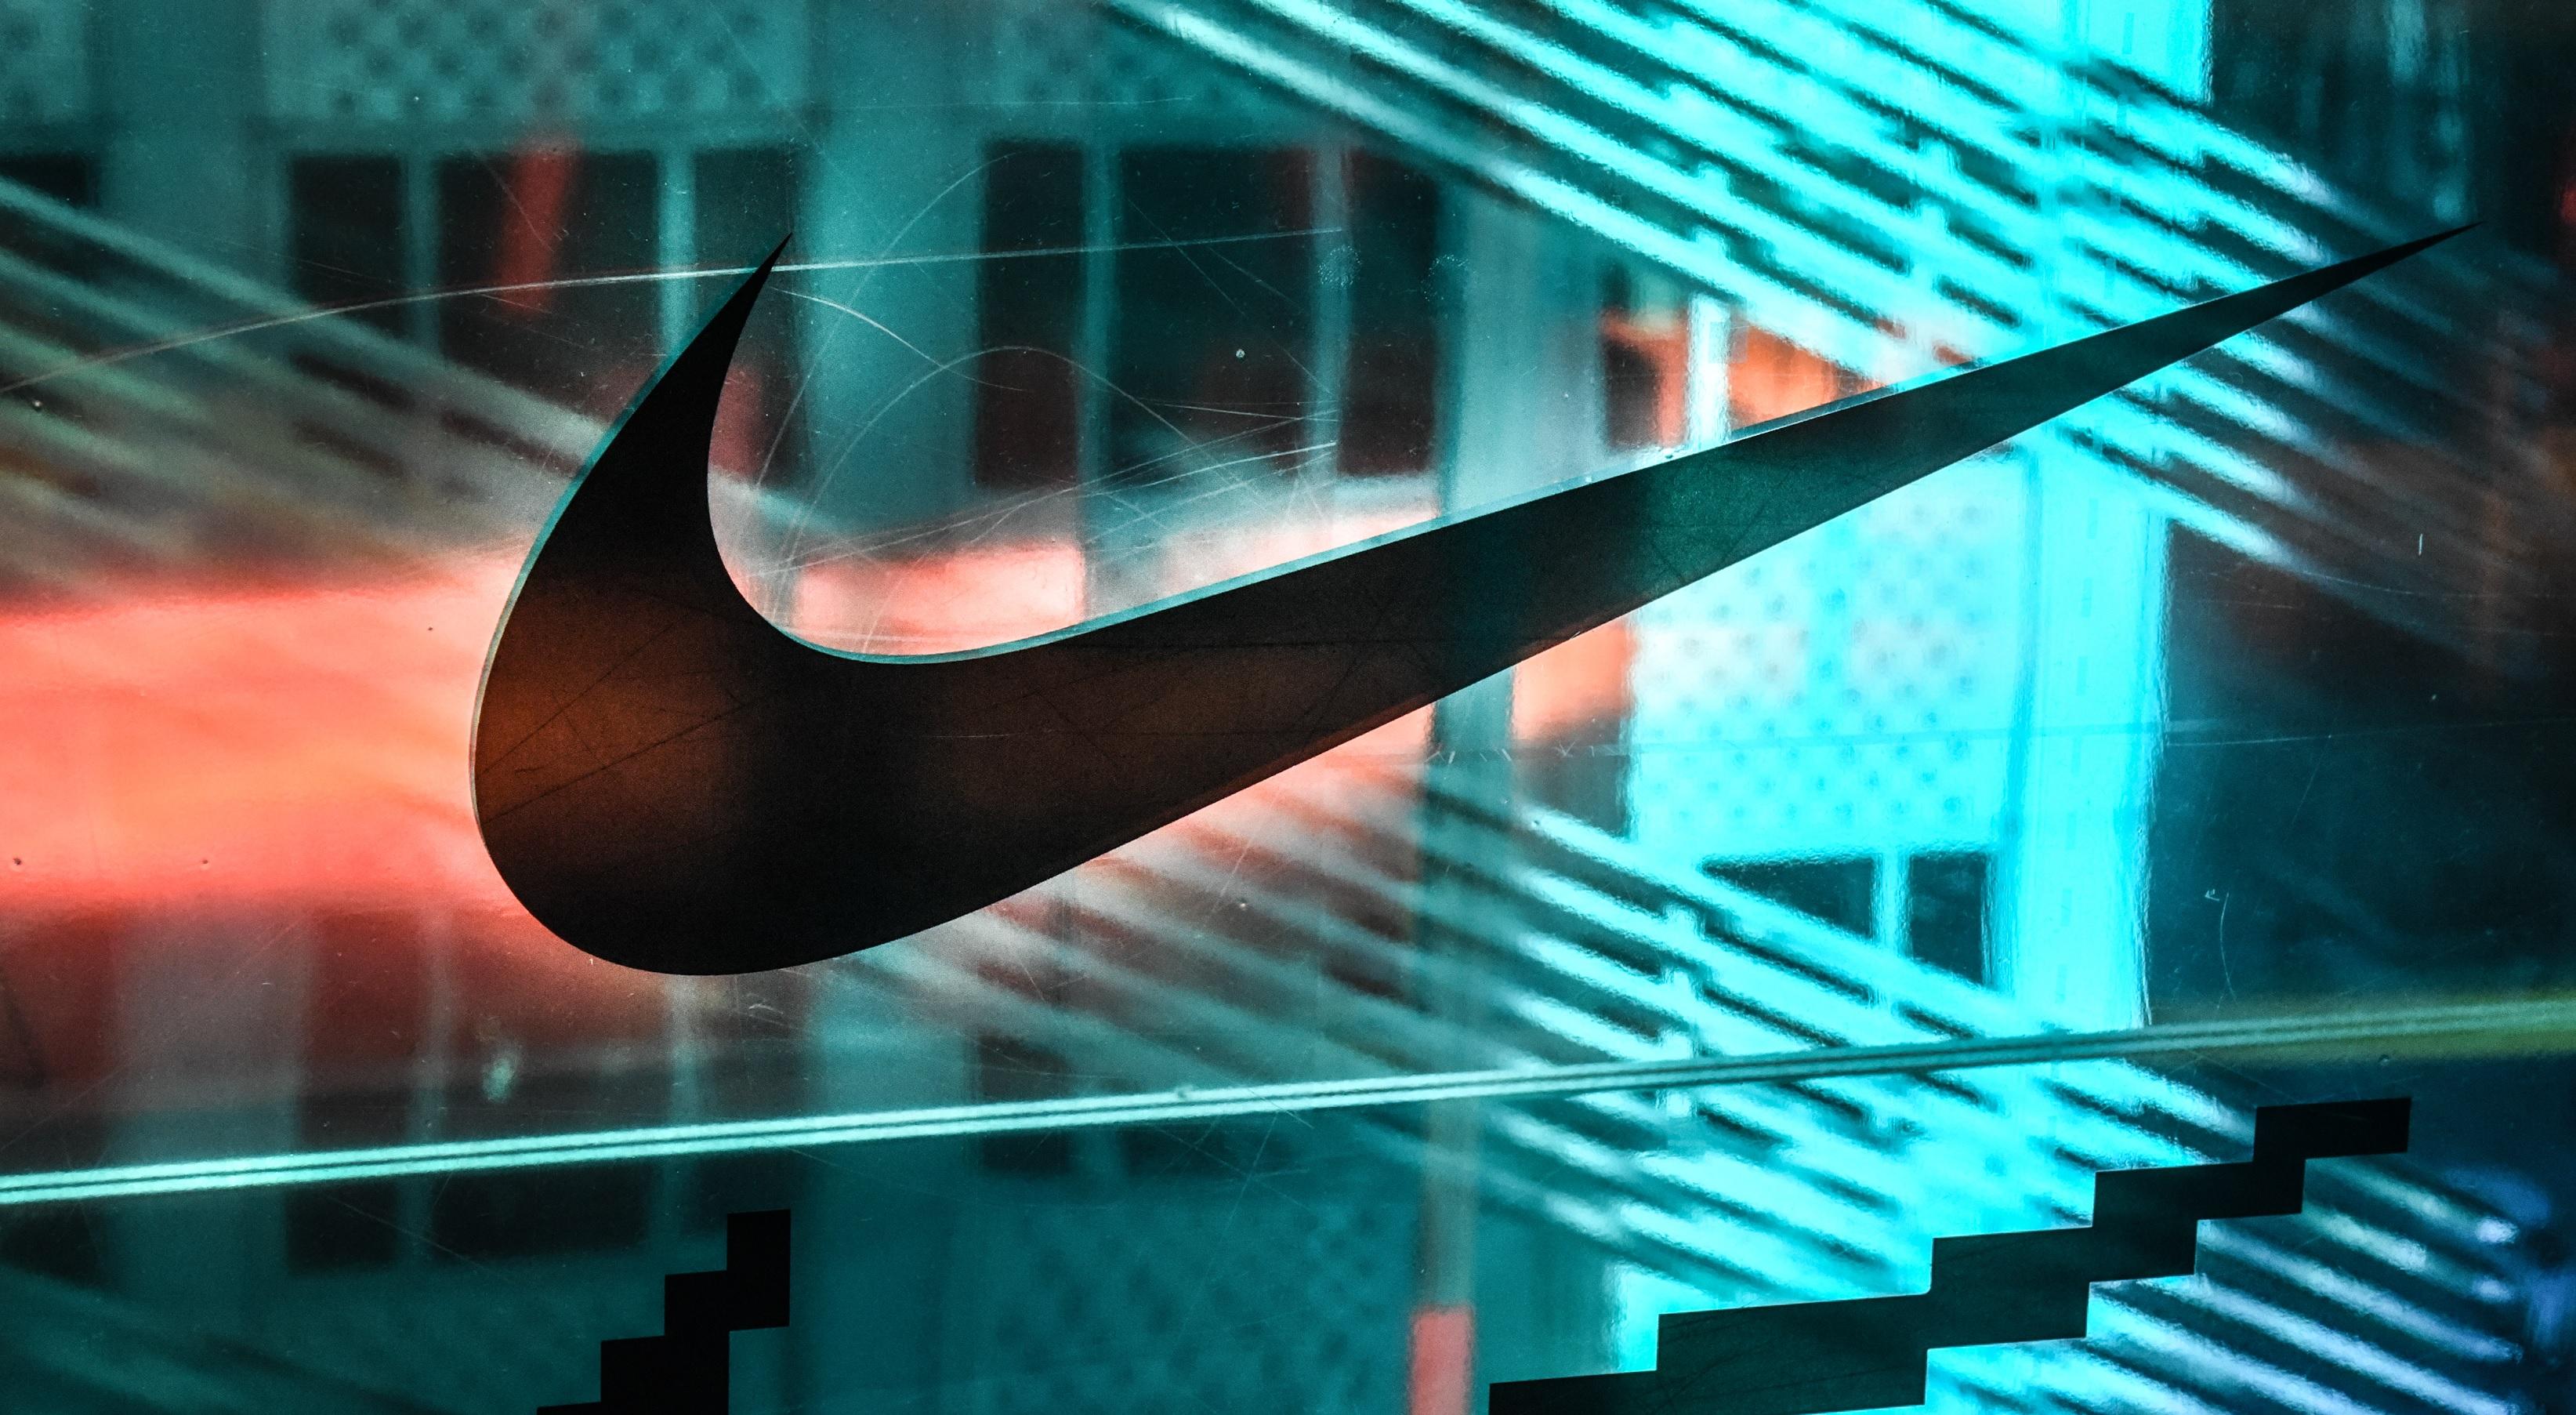 Логотип Nike на стекле флагманского магазина на Пятой авеню в Нью-Йорке